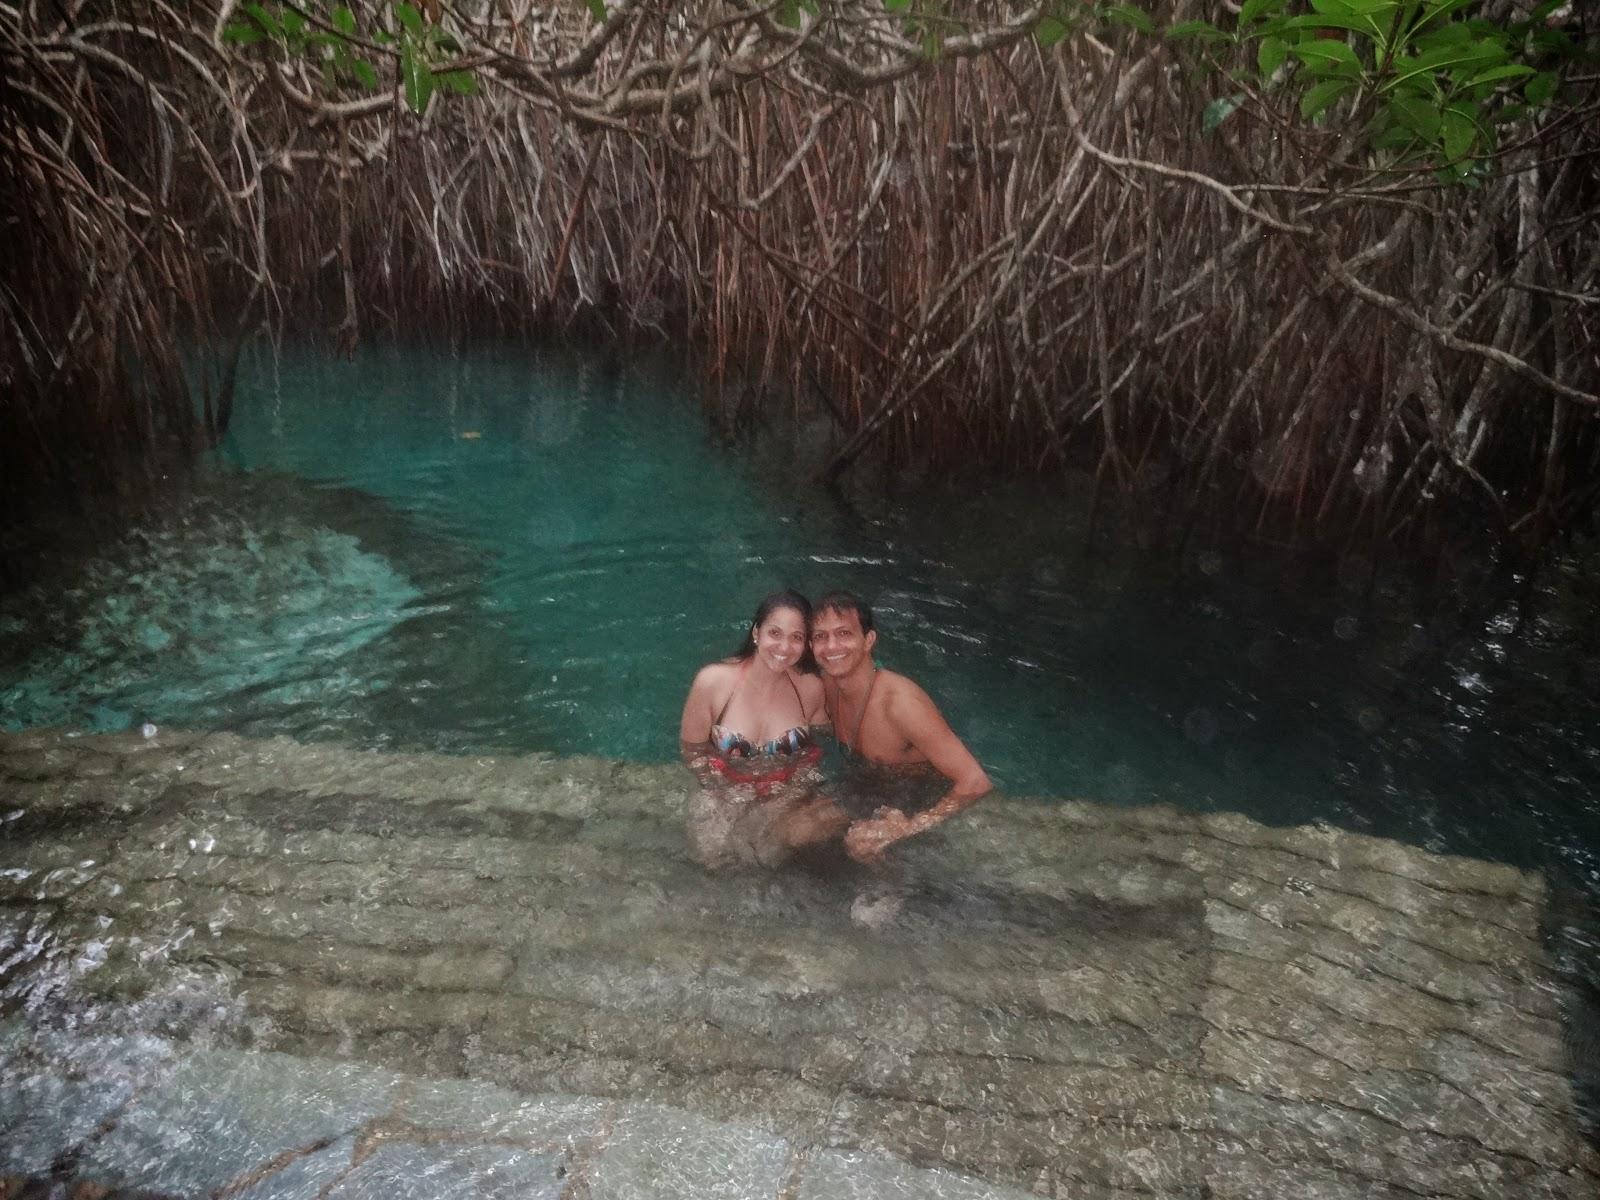 cenote - parque xel-ha - cancún - riviera maya